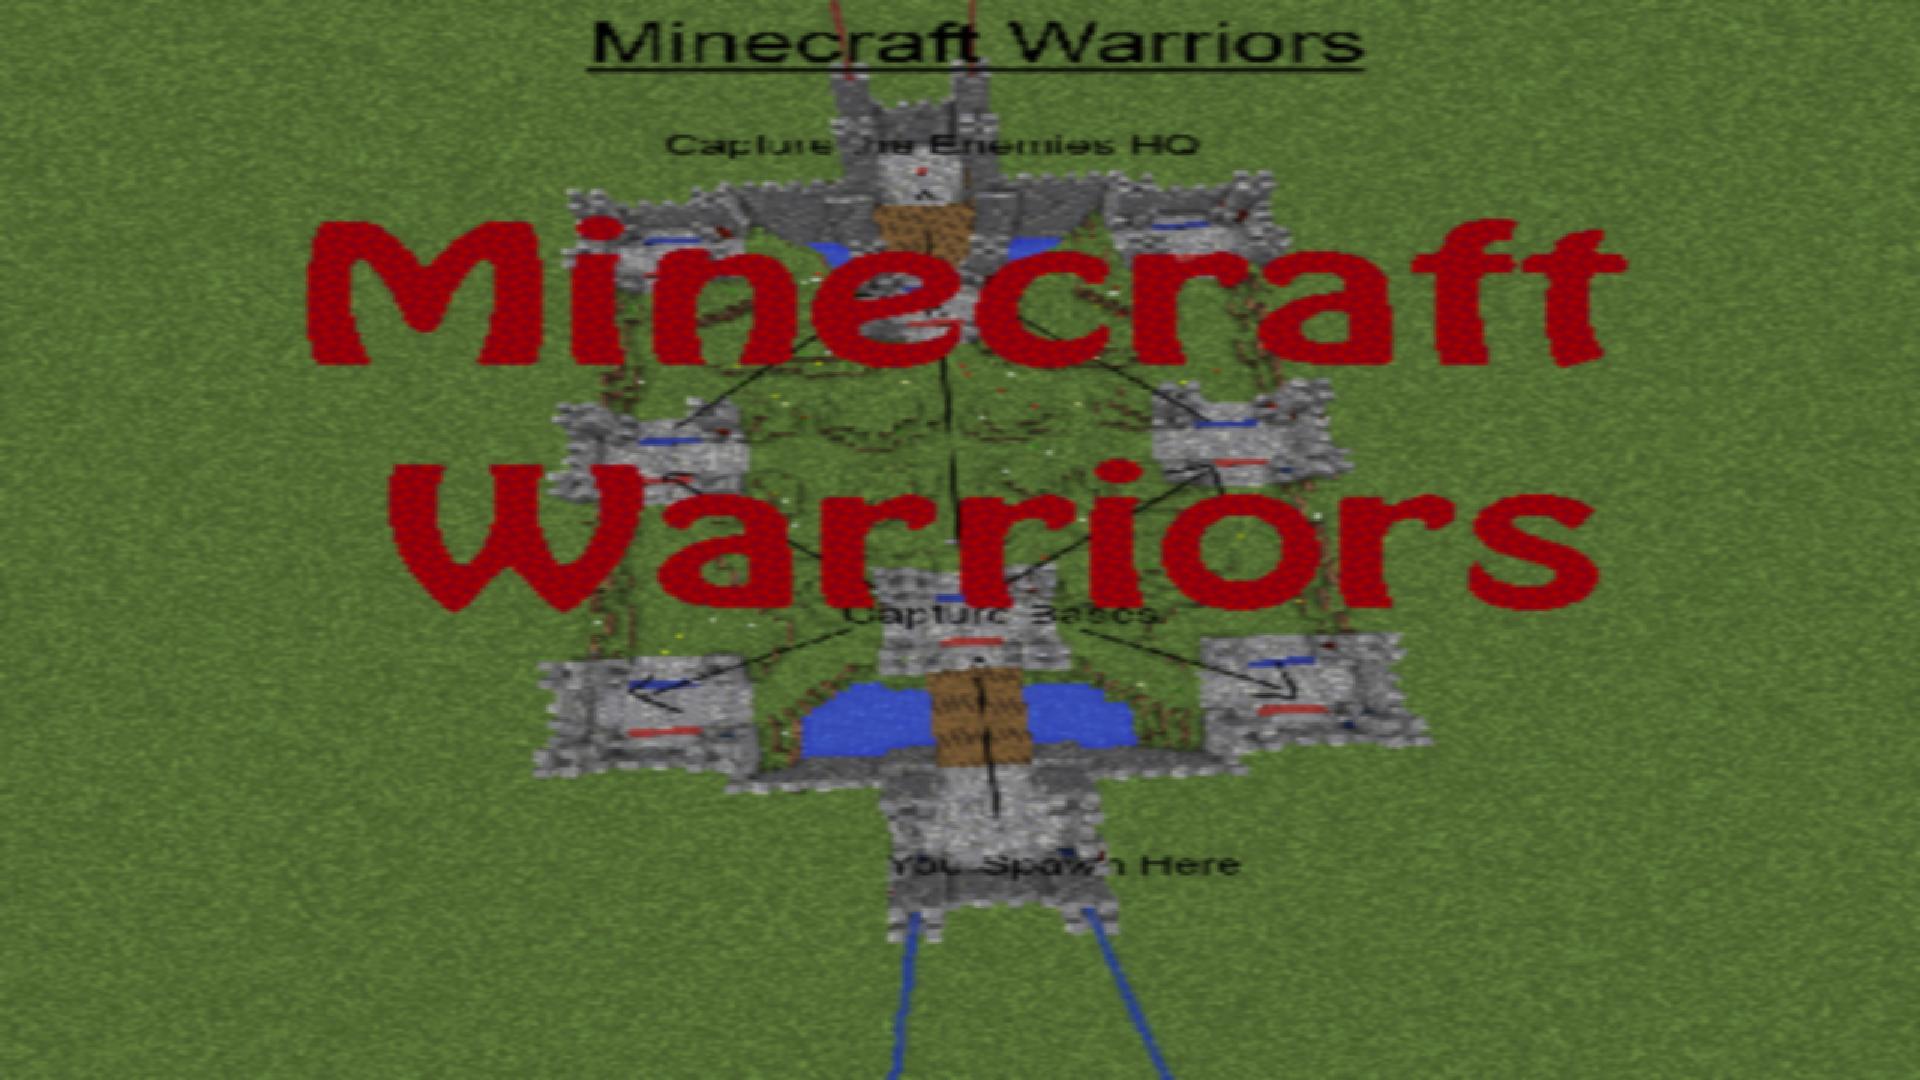 Minecraft Warriors